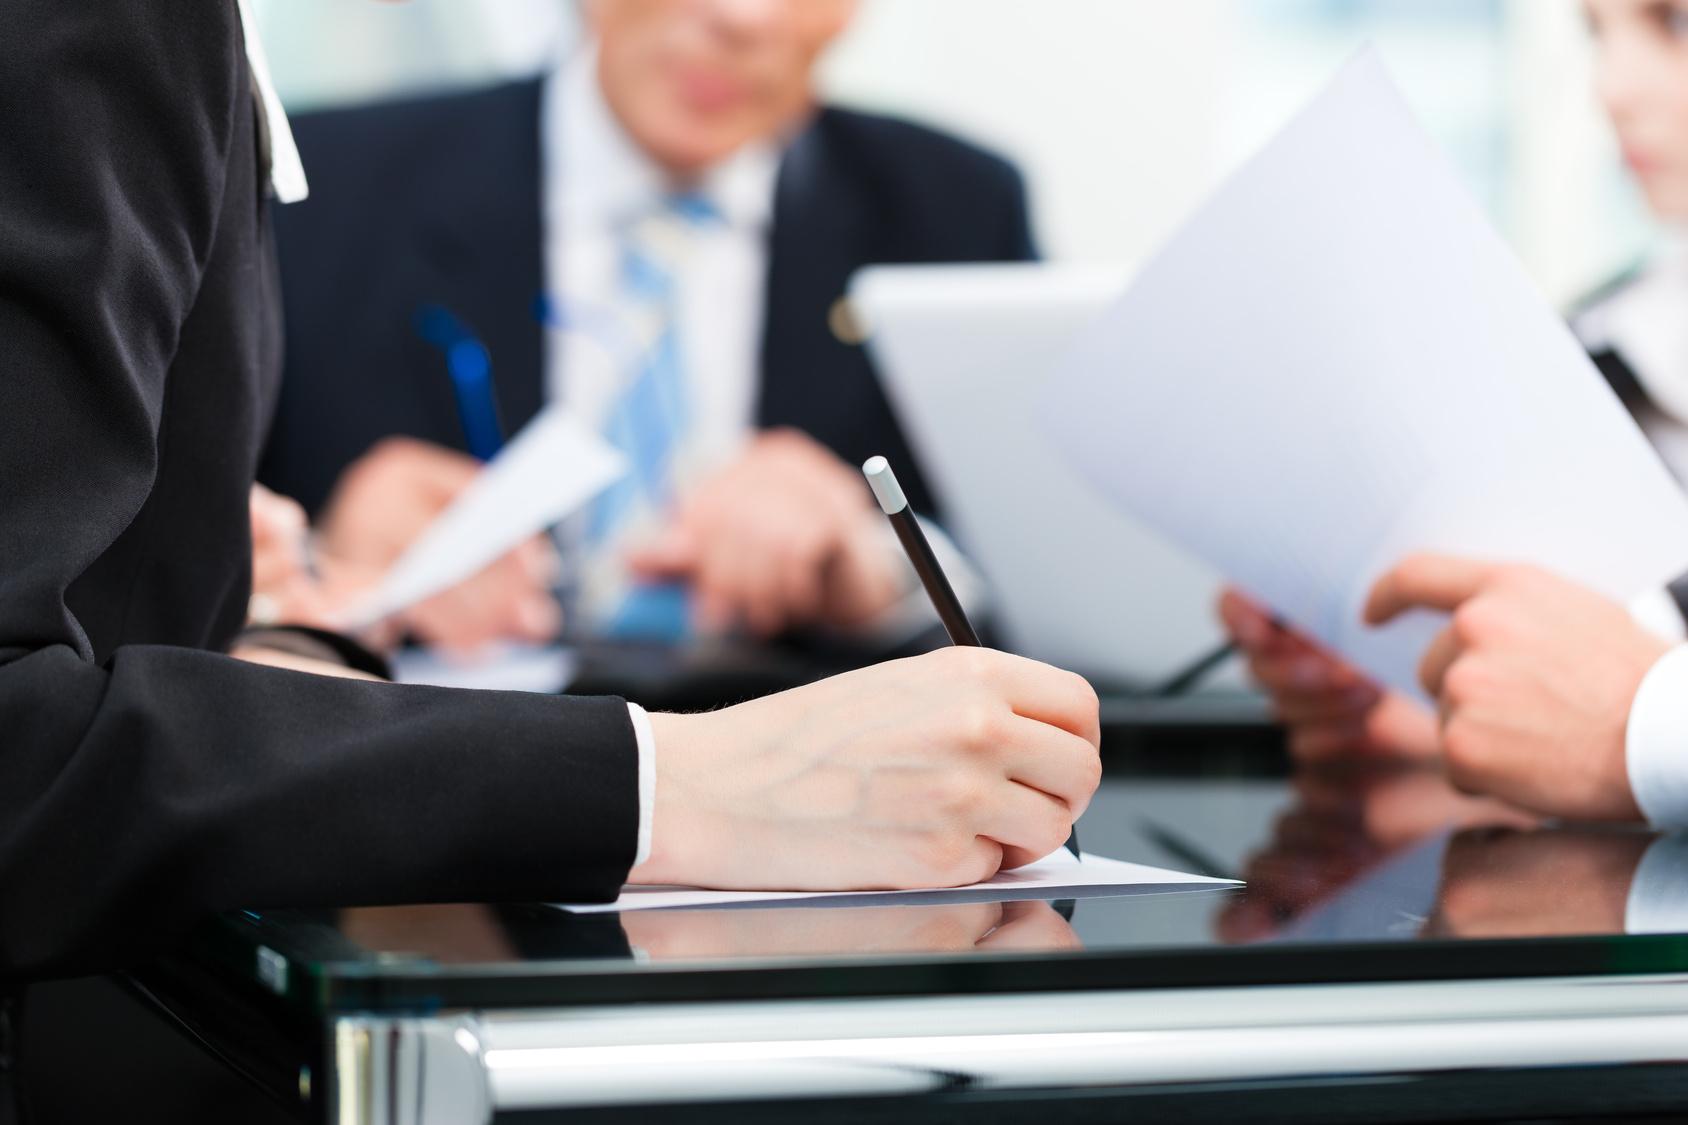 Justiça pode executar bens de sócios de empresa em recuperação judicial. Decisão é do Tribunal Regional do Trabalho de Santa Catarina